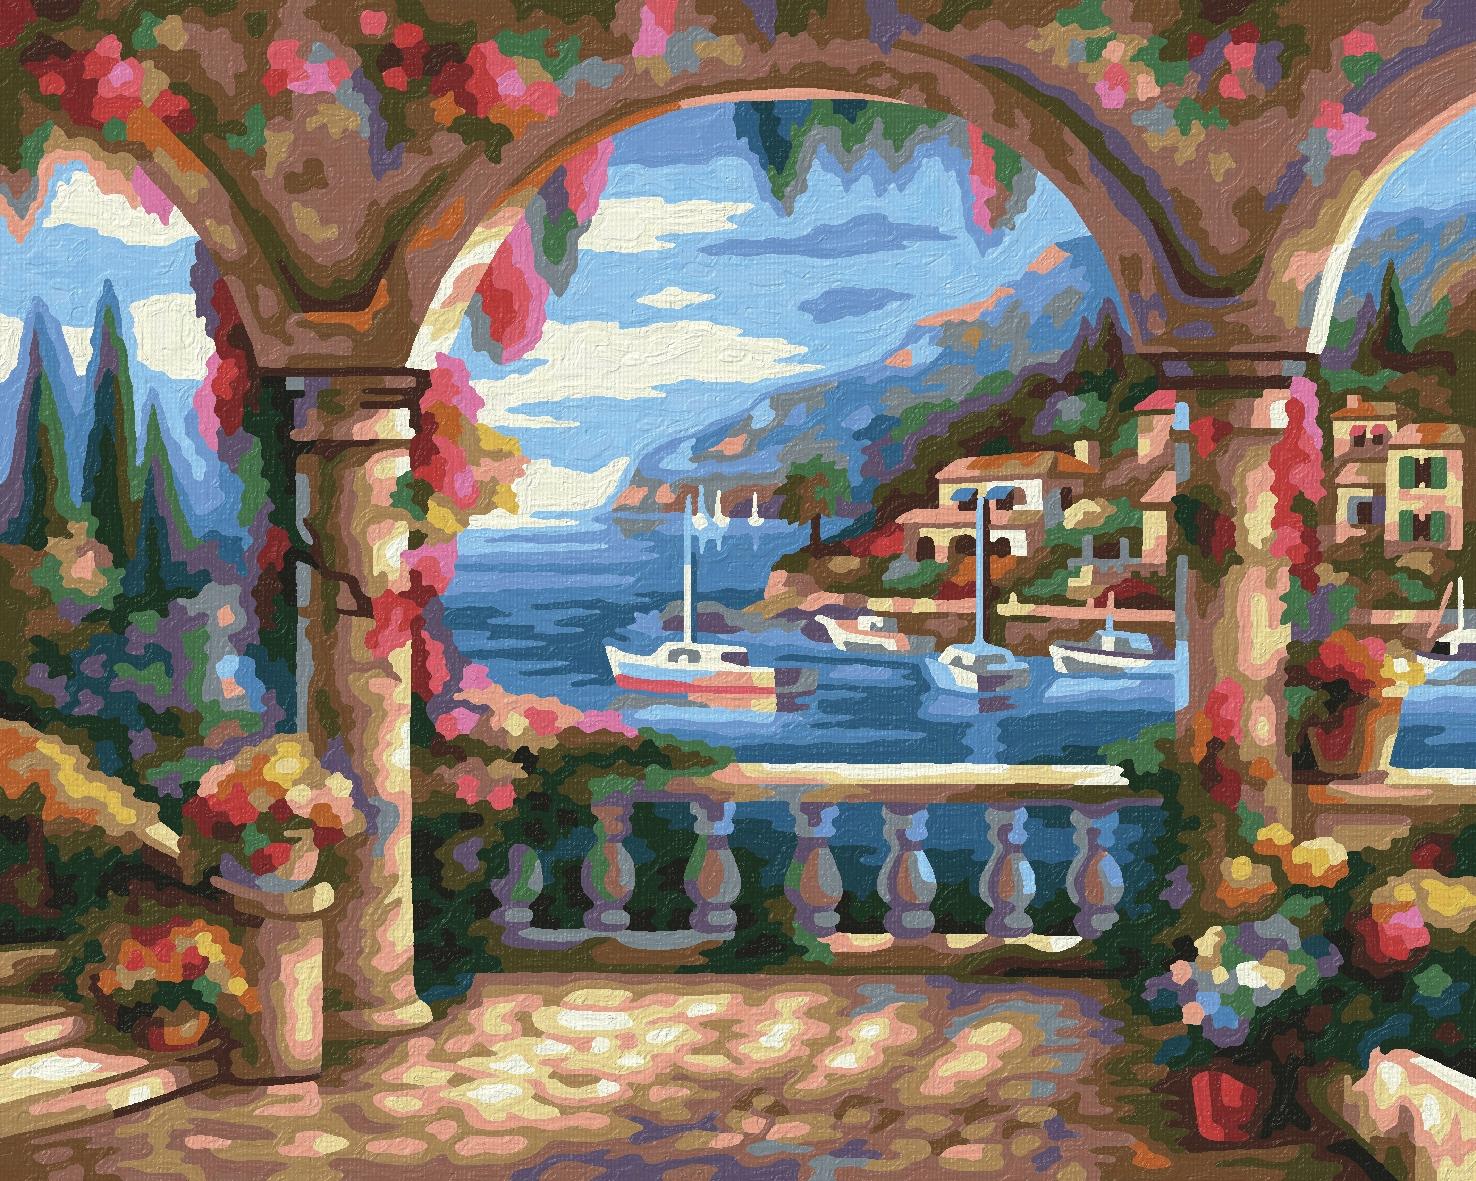 Schipper Malen nach Zahlen Klassiker 24 x 30 cm - Villa am Meer